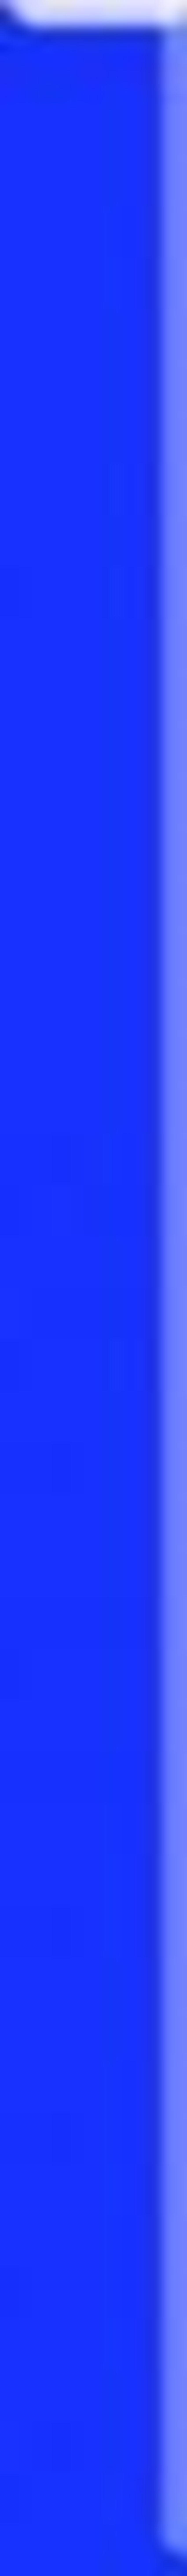 Listwa 3x40 cm Paradyż Uniwersalna Listwa Szklana Cobalt